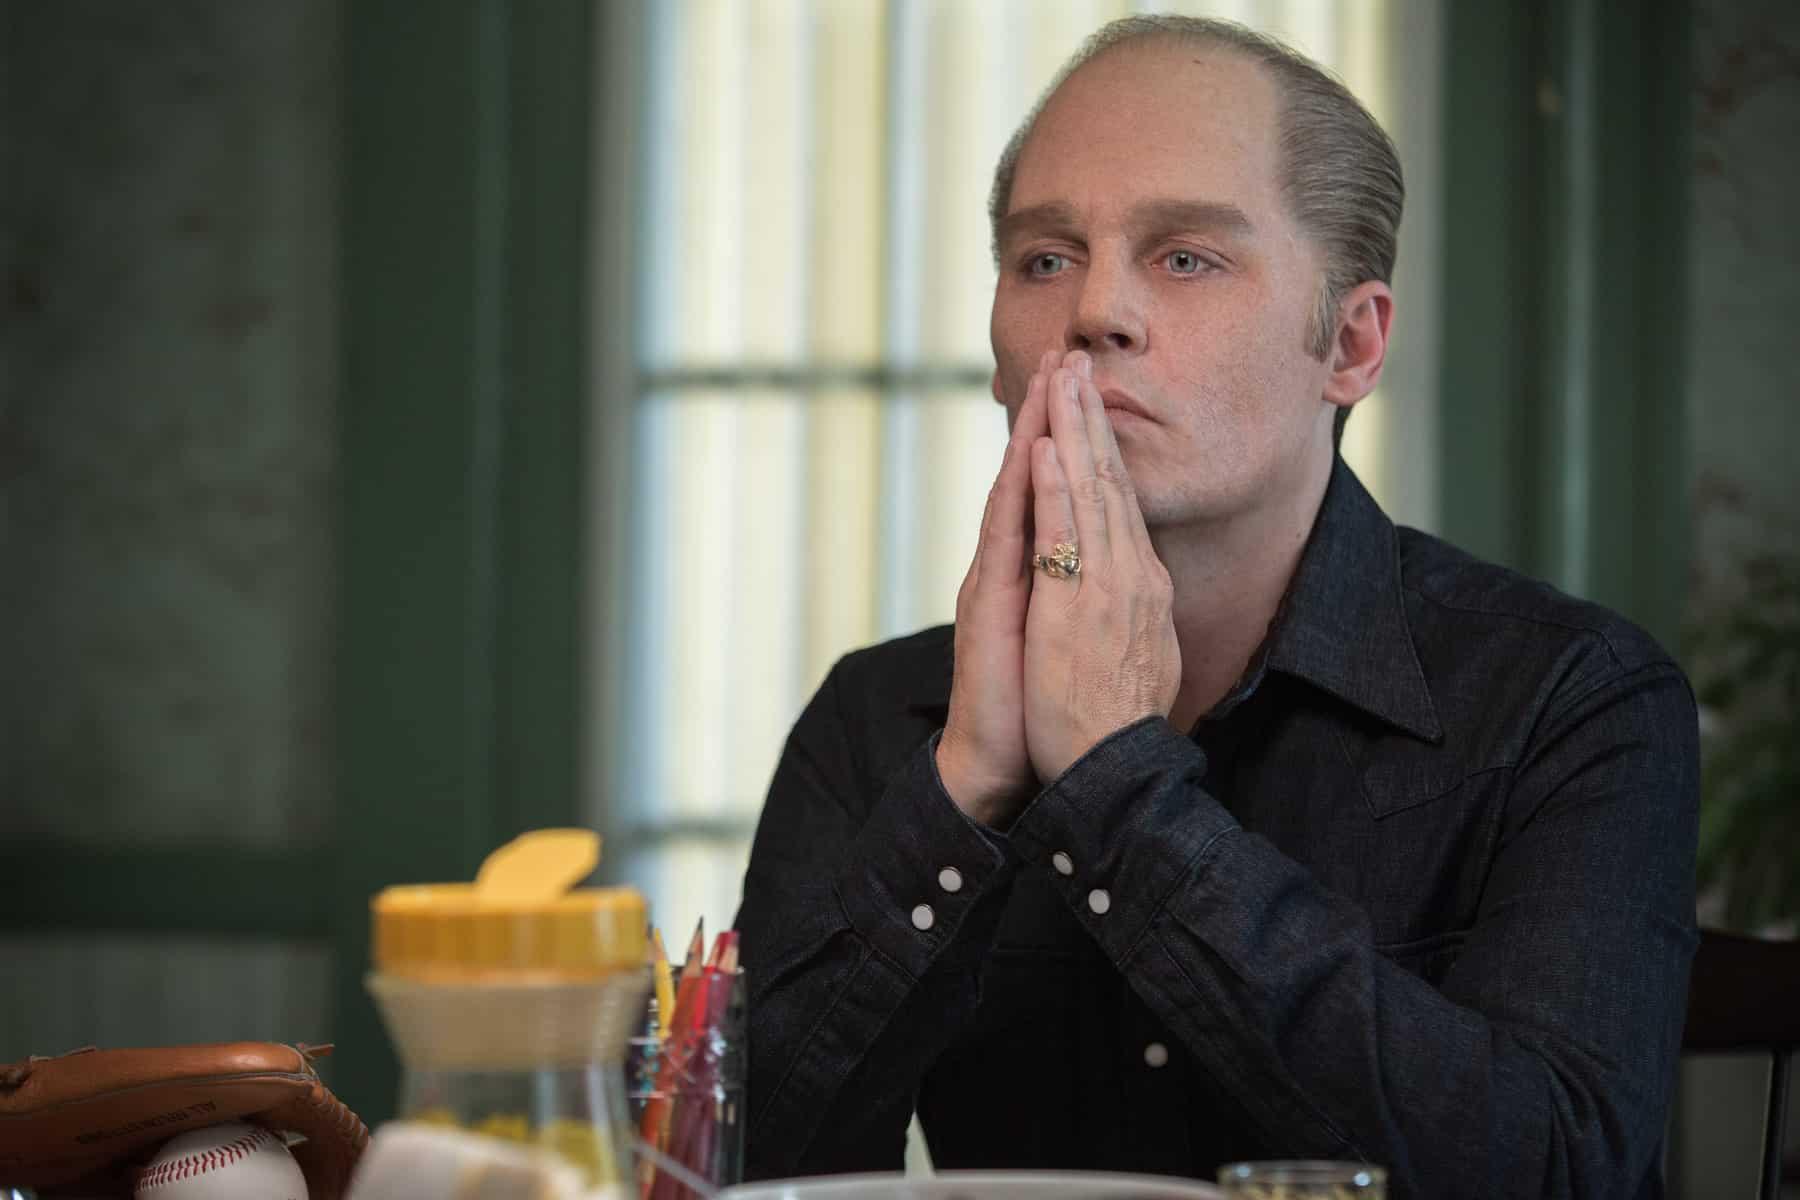 Johnny Depp encarna al temible gángster James 'Whitey' Bulger en 'Pacto Criminal'.